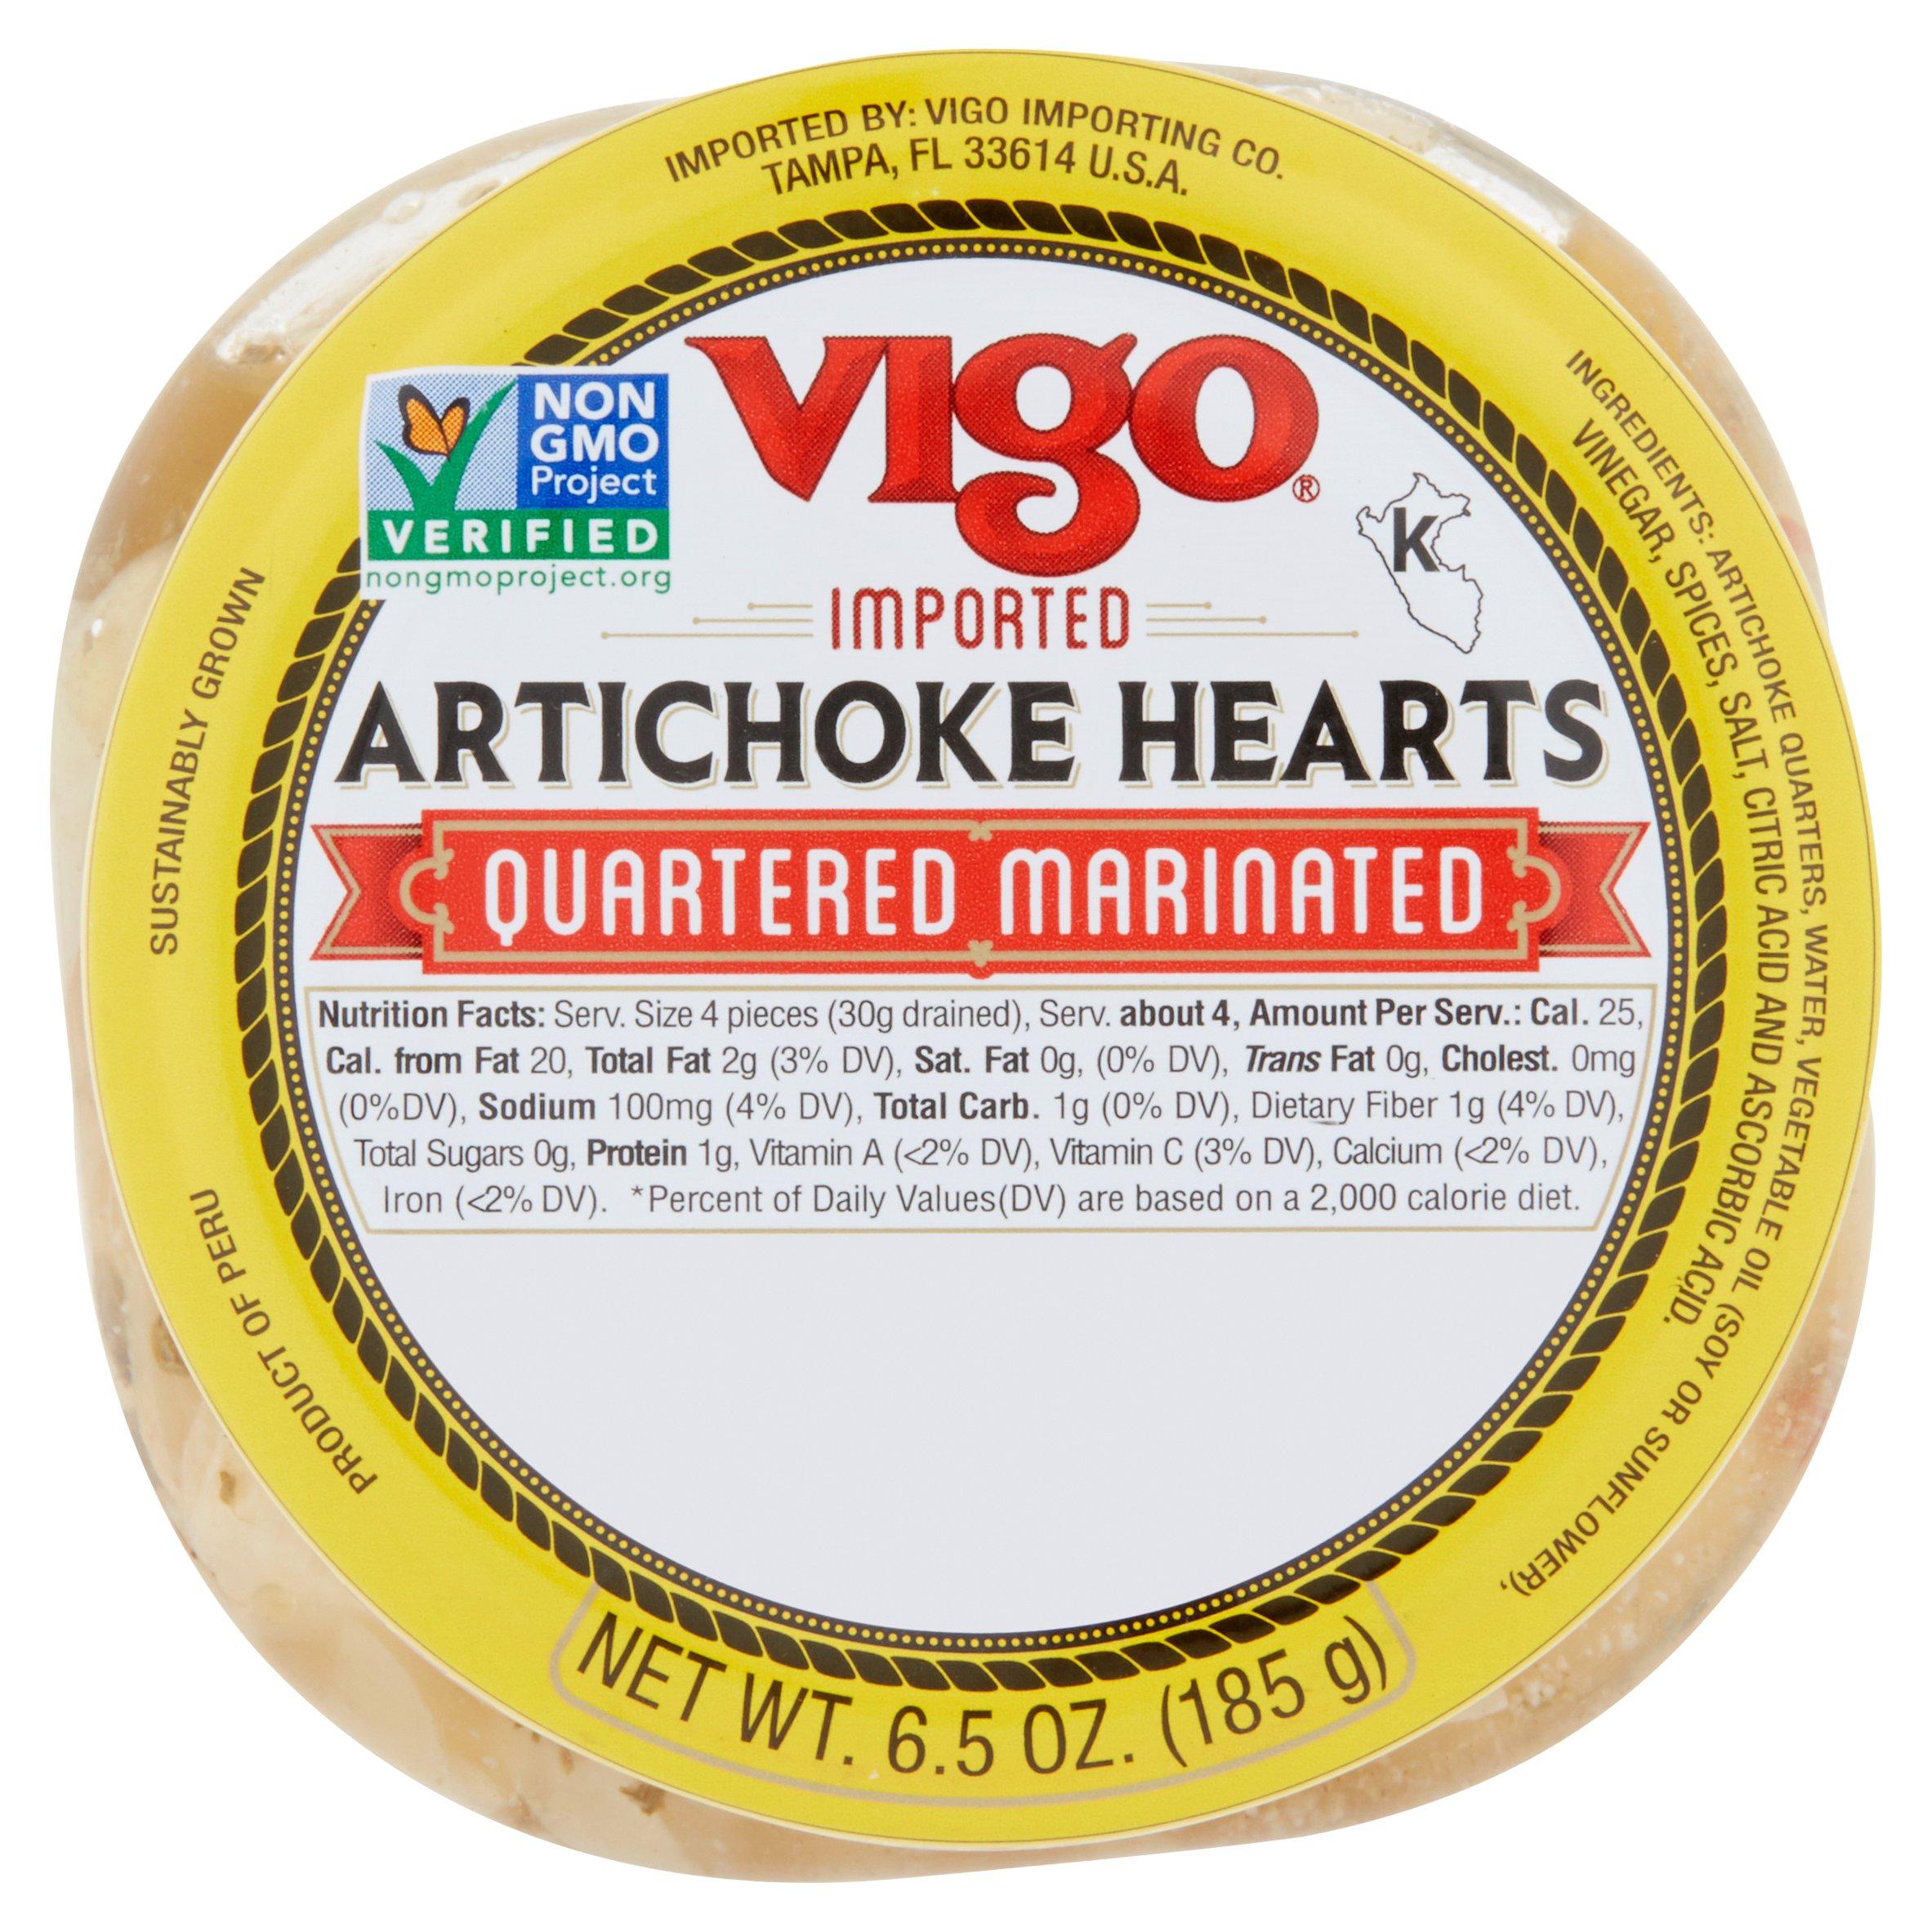 (6 Pack) Vigo Quartered Marinated Artichoke Hearts, 6.5 oz